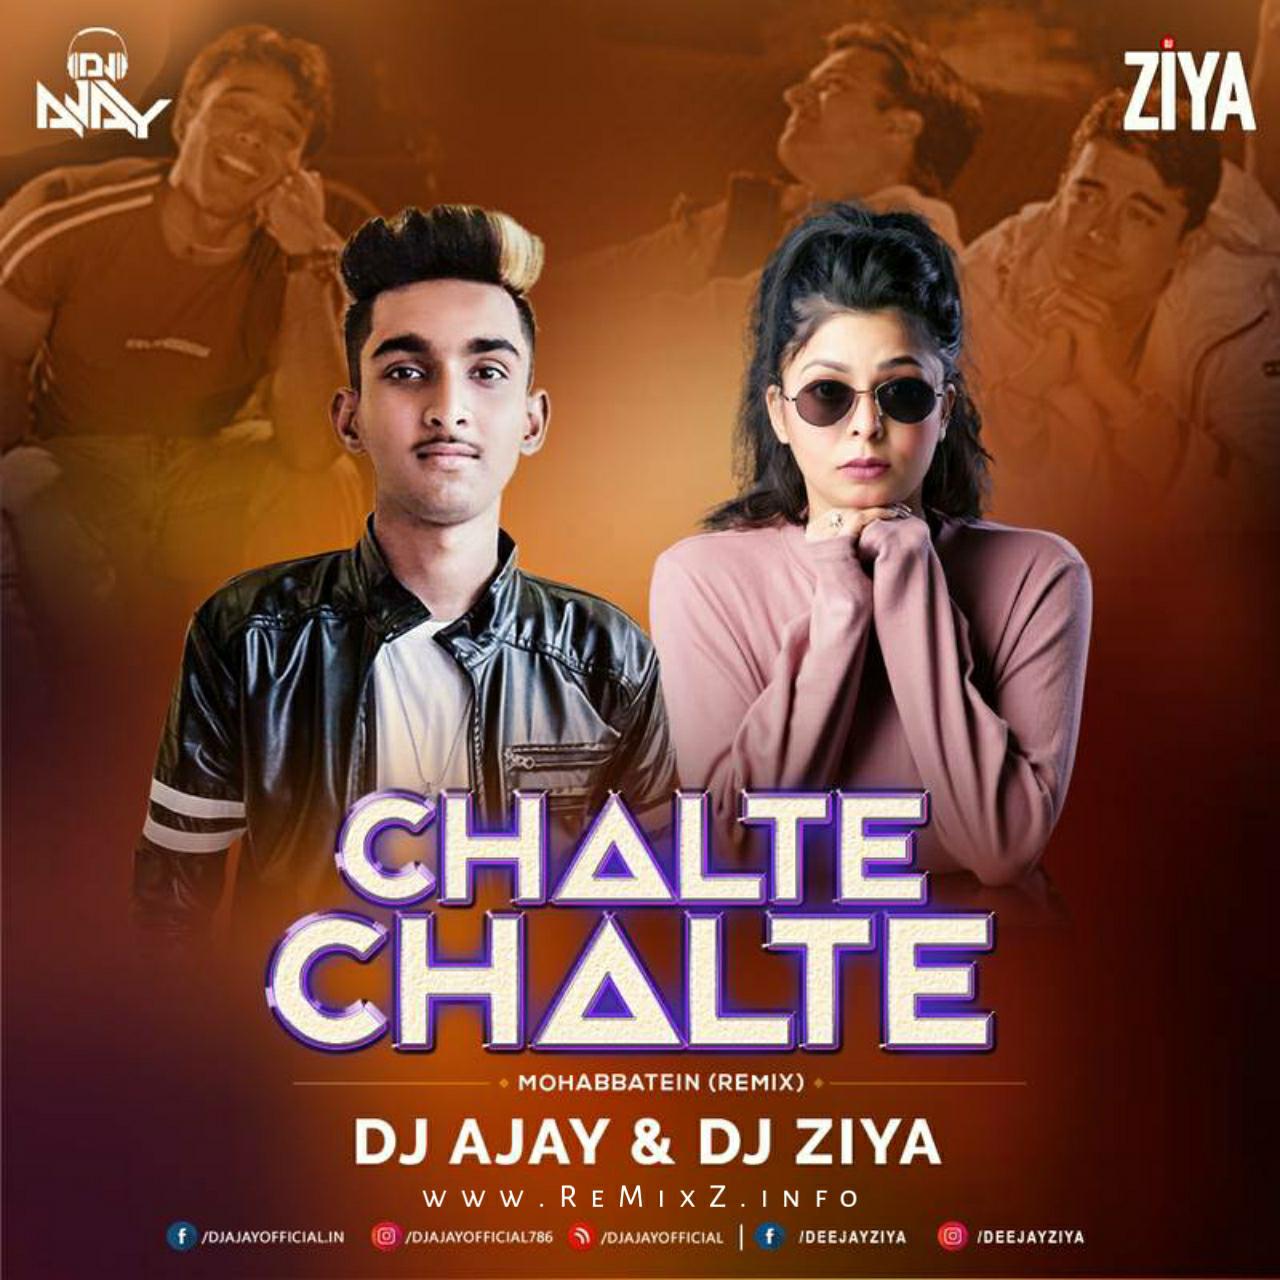 chalte-chalte-mohabbatein-remix-dj-ajay.jpg